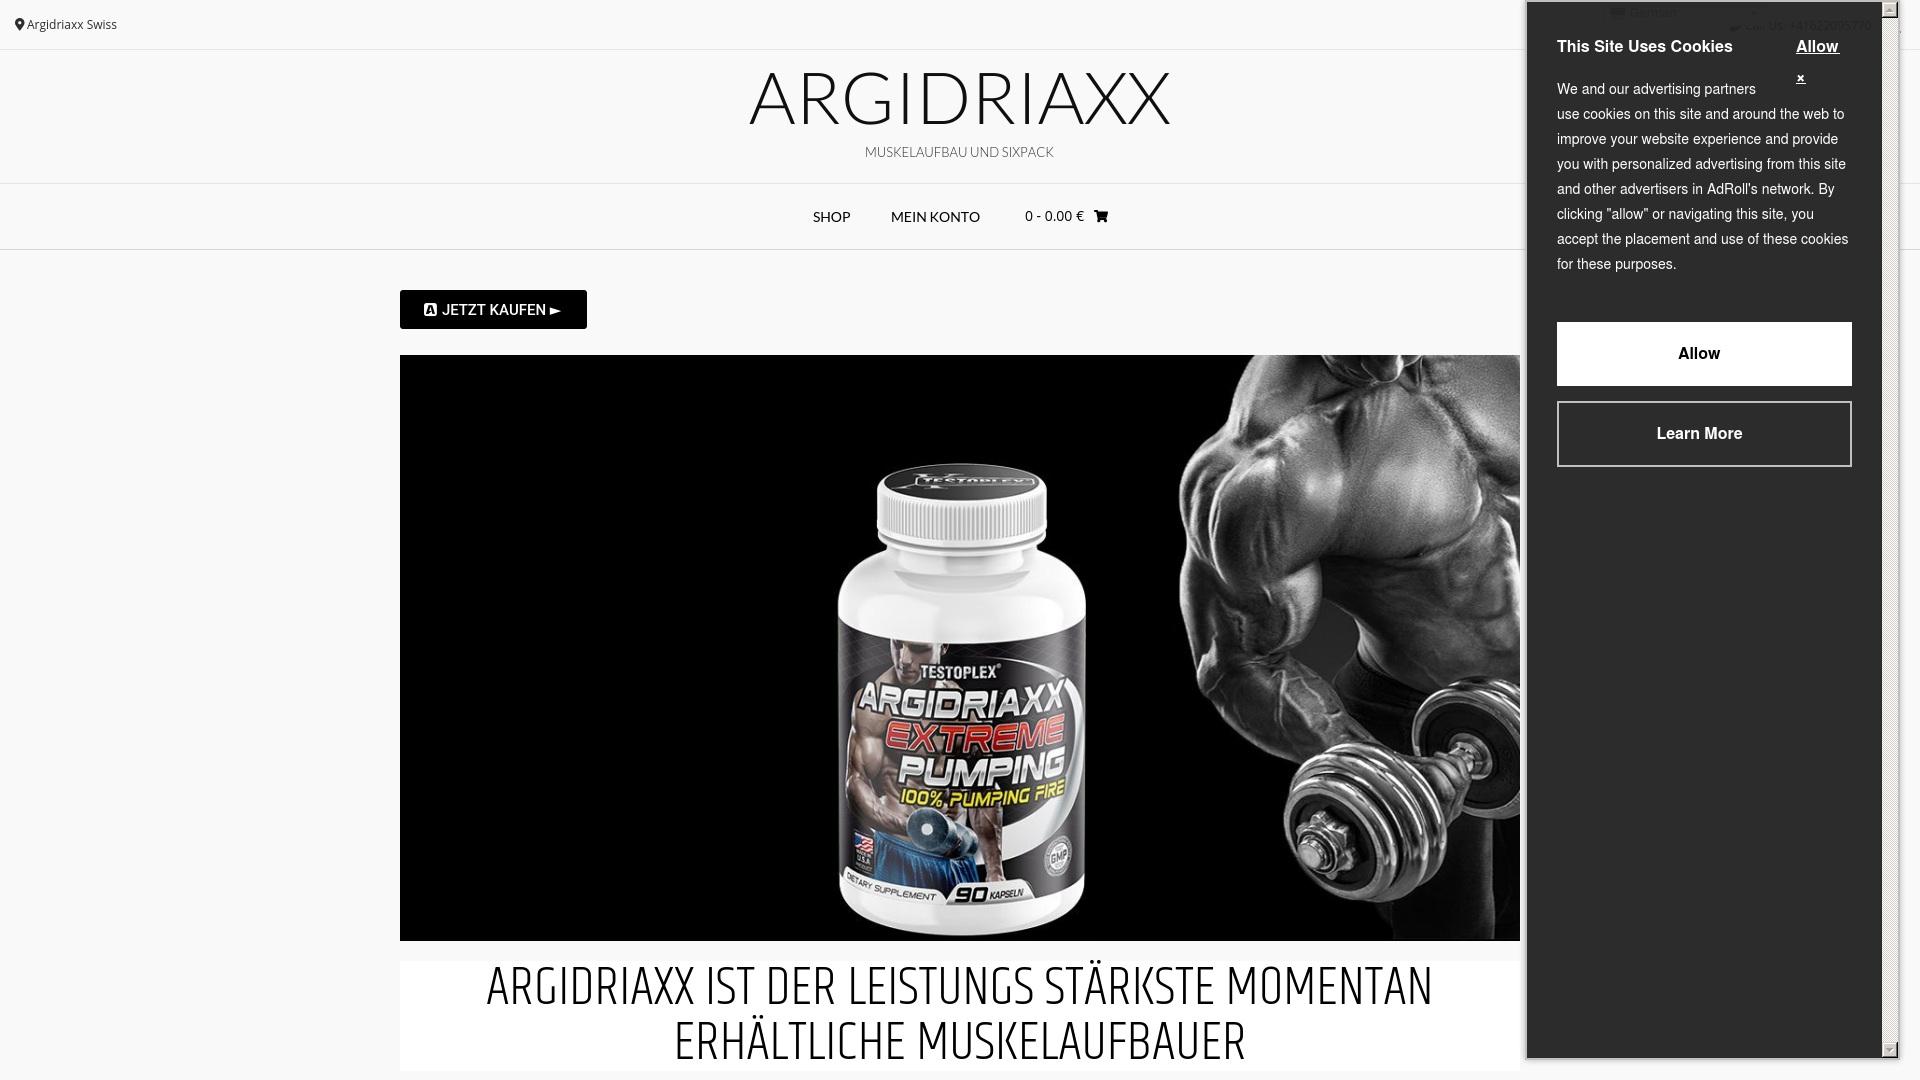 Gutschein für Argidriaxx: Rabatte für  Argidriaxx sichern